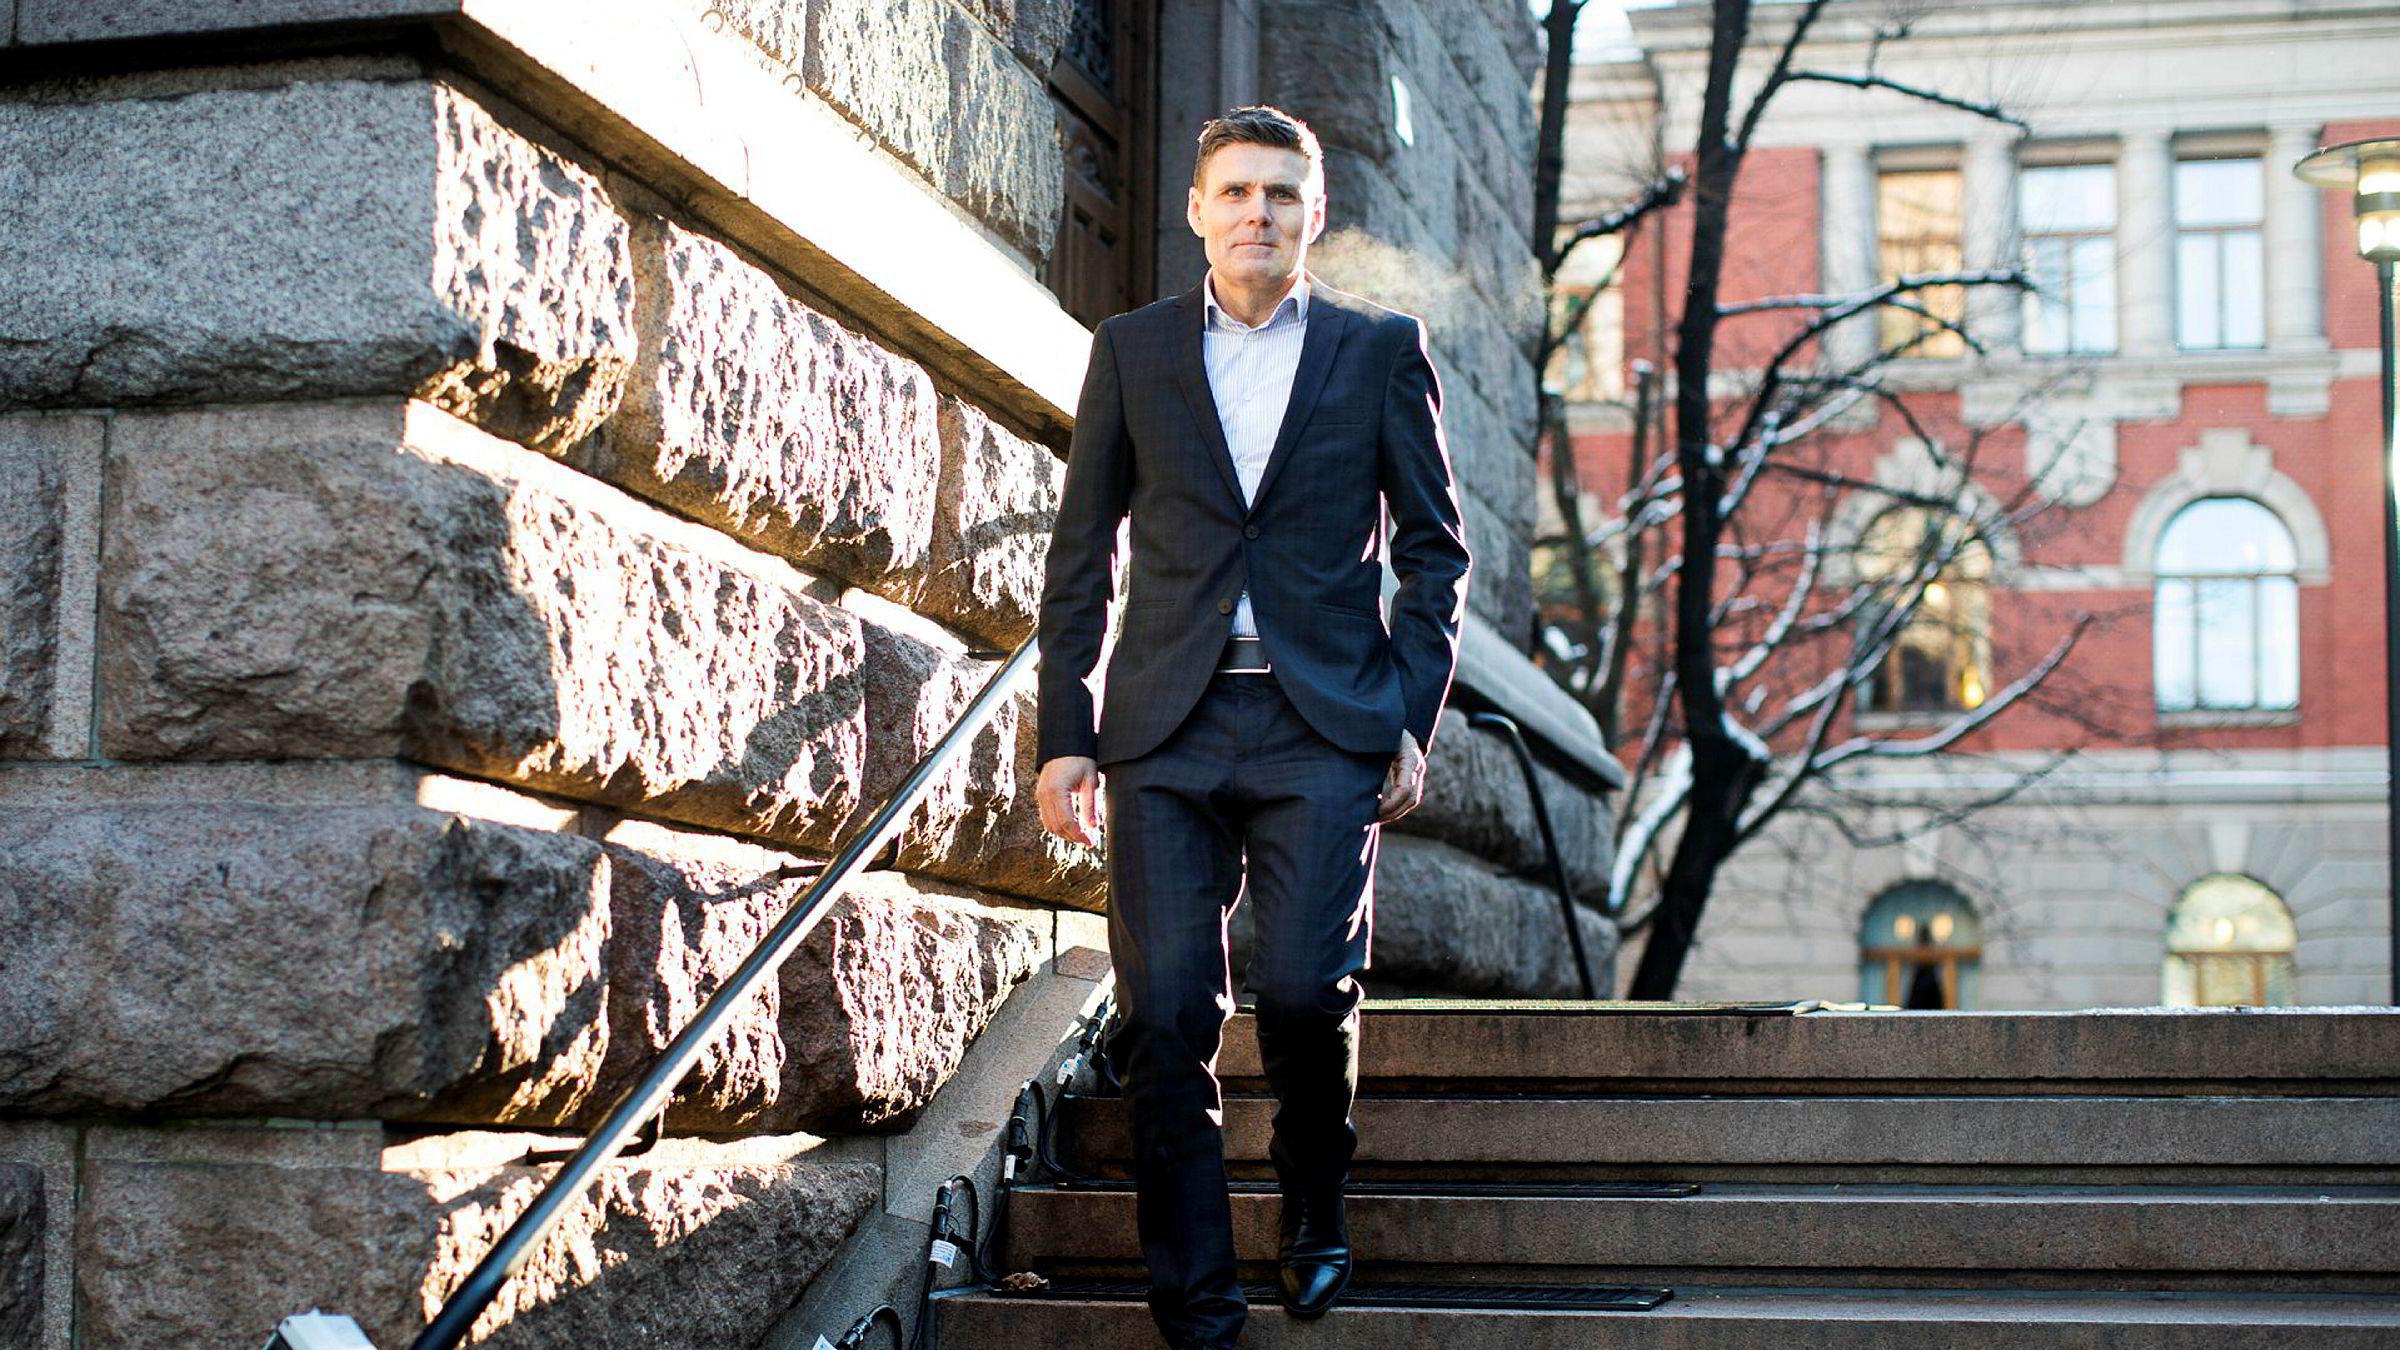 Statssekretær i Finansdepartementet Geir Olsen sier Bank Norwegian utnytter en svakhet i regelverket, og at praksisen kan gi EU gode argumenter for å si at den norske ordningen er en konkurransefordel og derfor må endres.